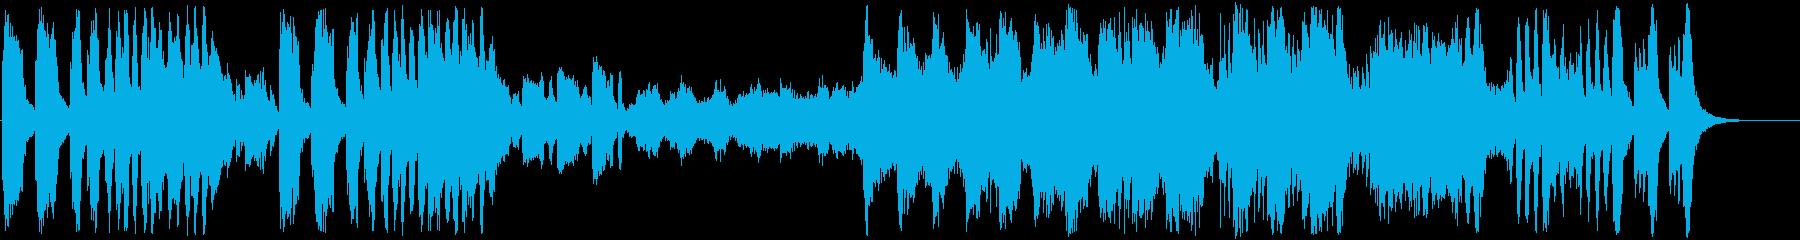 ピアノ協奏曲第25番第1楽章モーツァルトの再生済みの波形